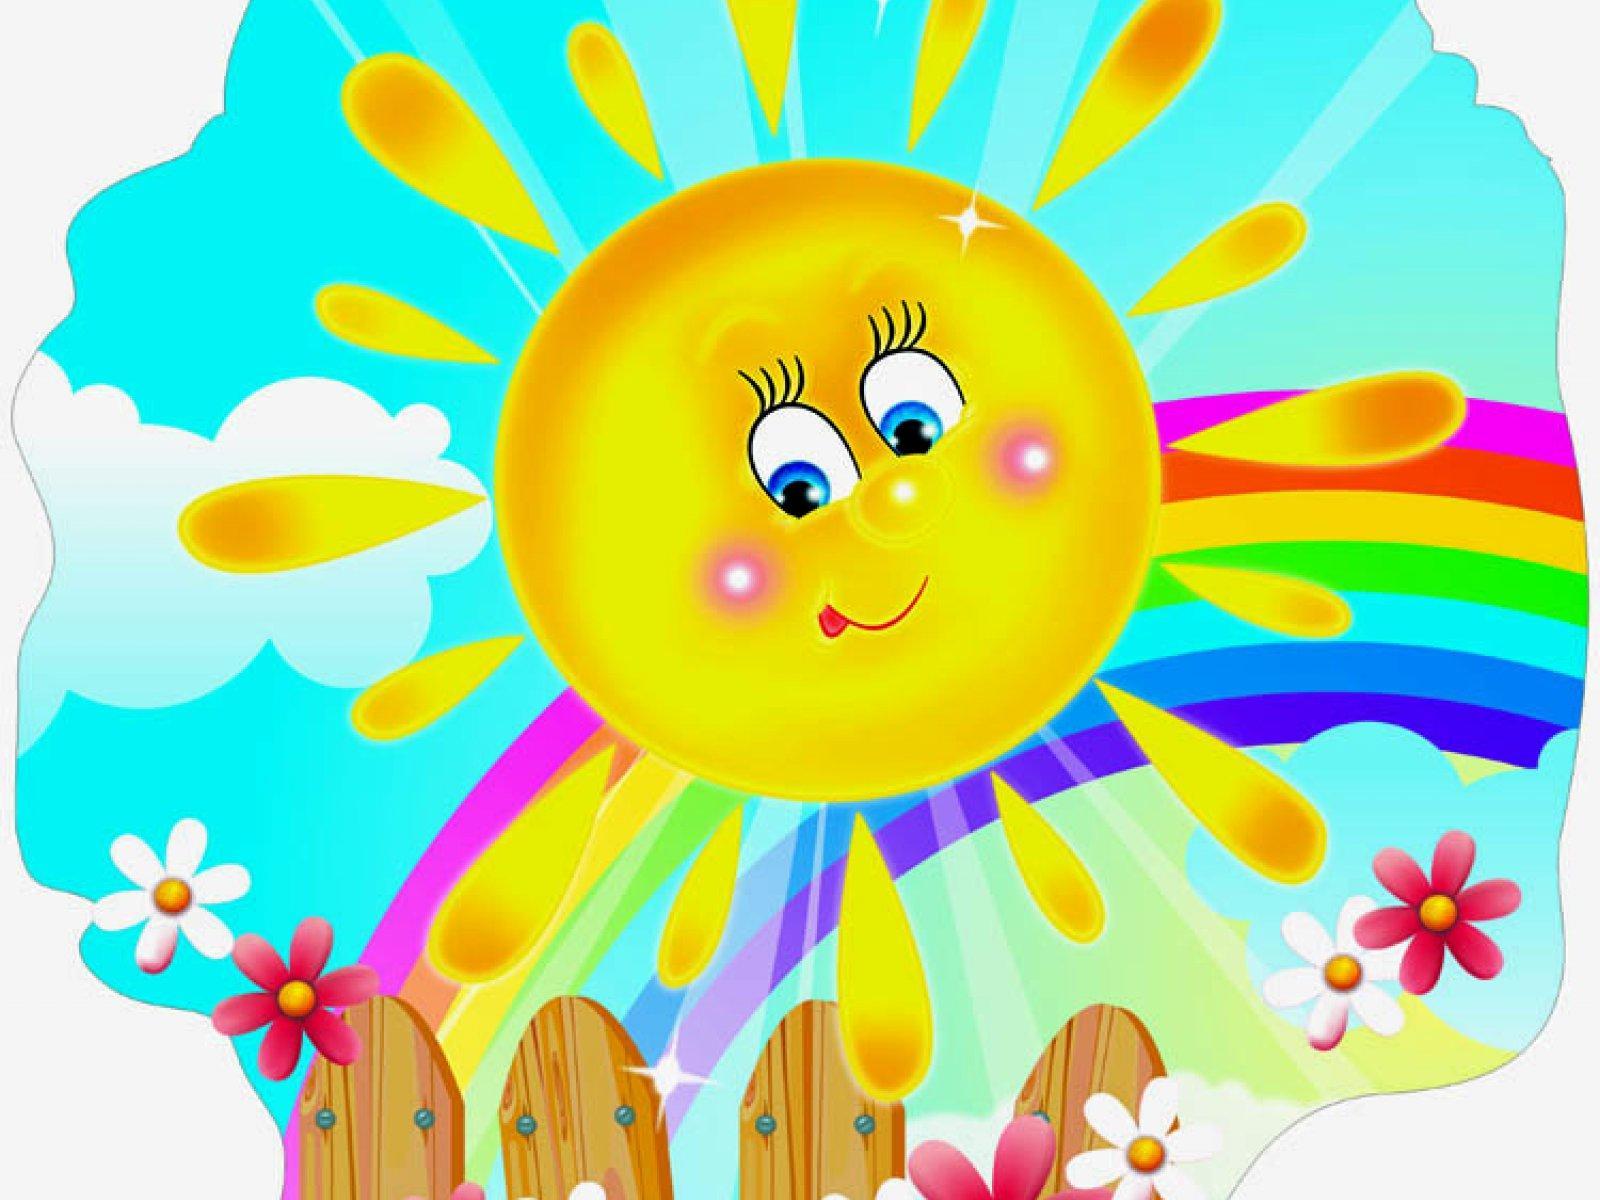 Солнышко лучистое картинка для детей